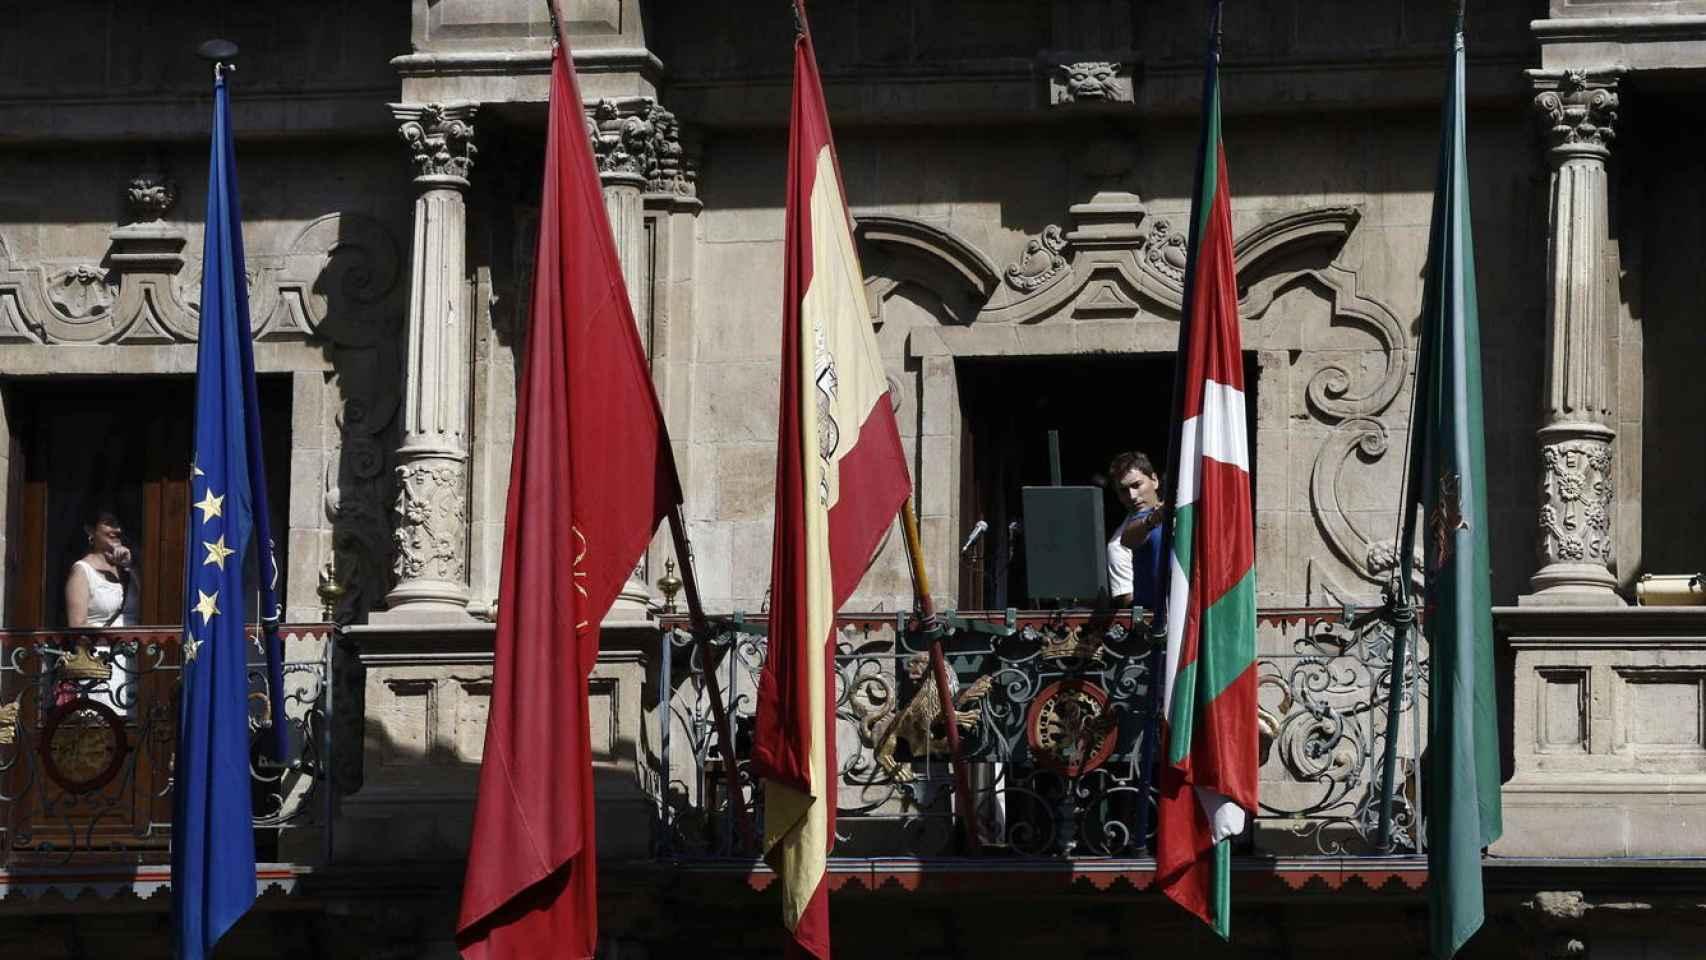 Banderas en el Ayuntamiento de Pamplona.